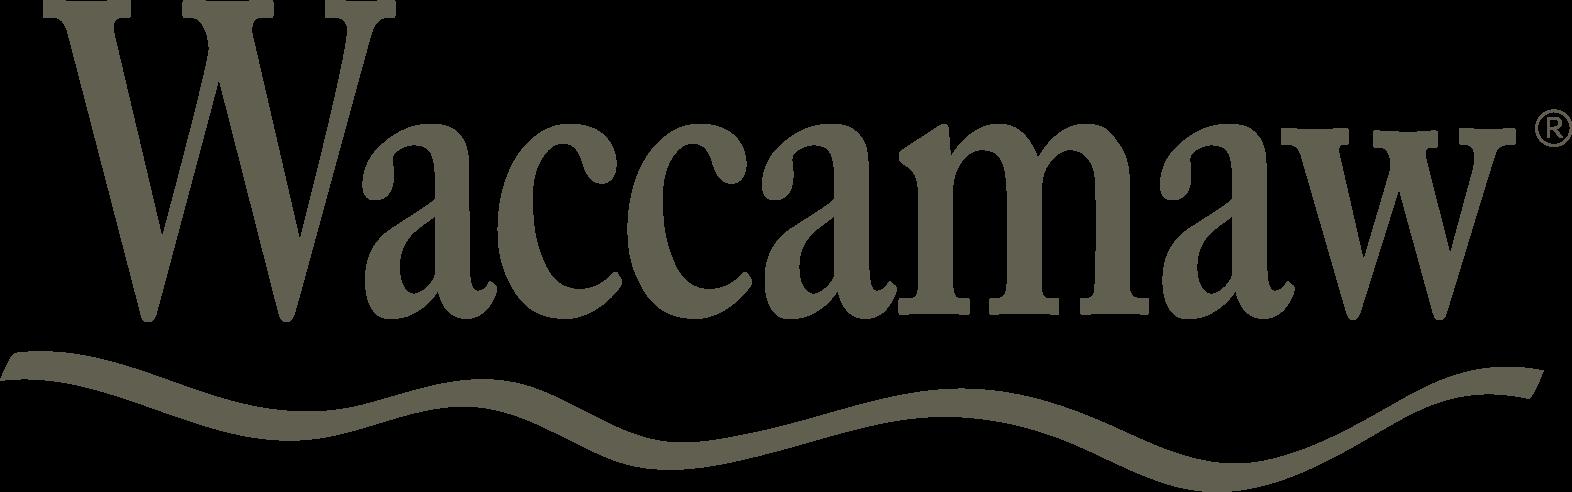 waccamaw2